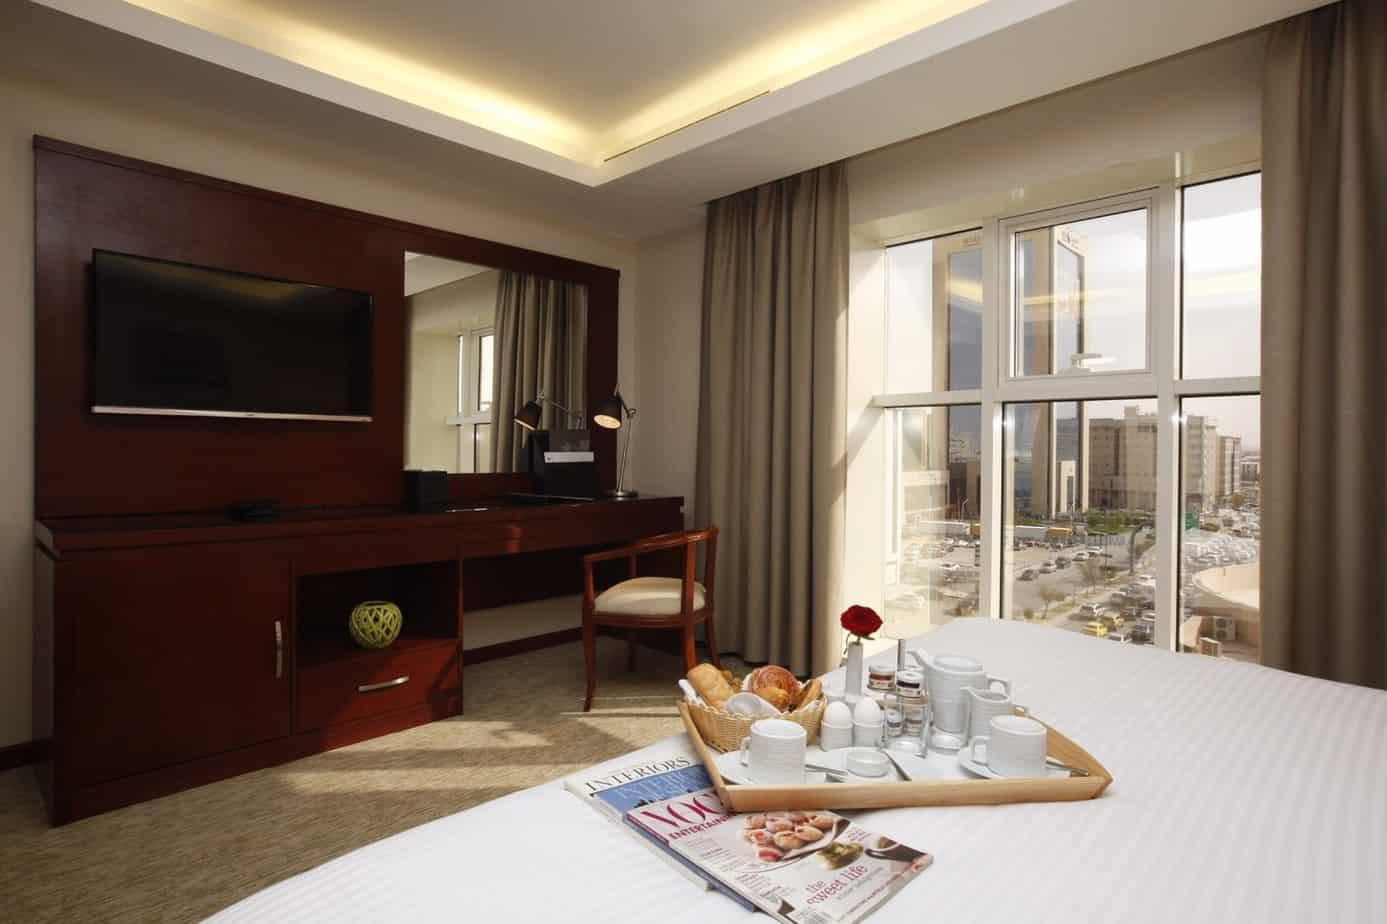 تقرير مميز عن سلسلة فندق جراند بلازا الرياض